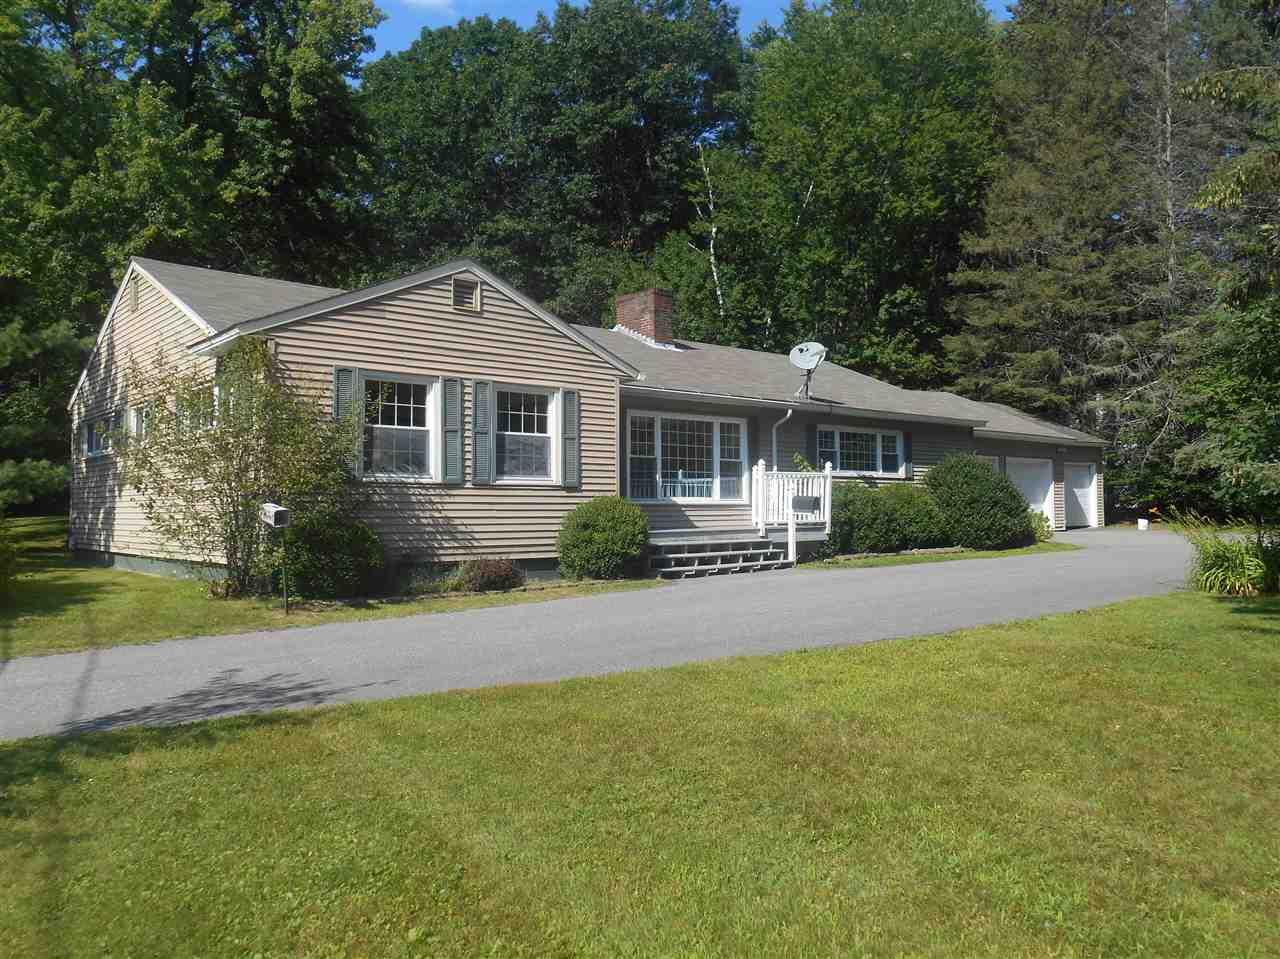 TILTON NH Home for sale $229,900